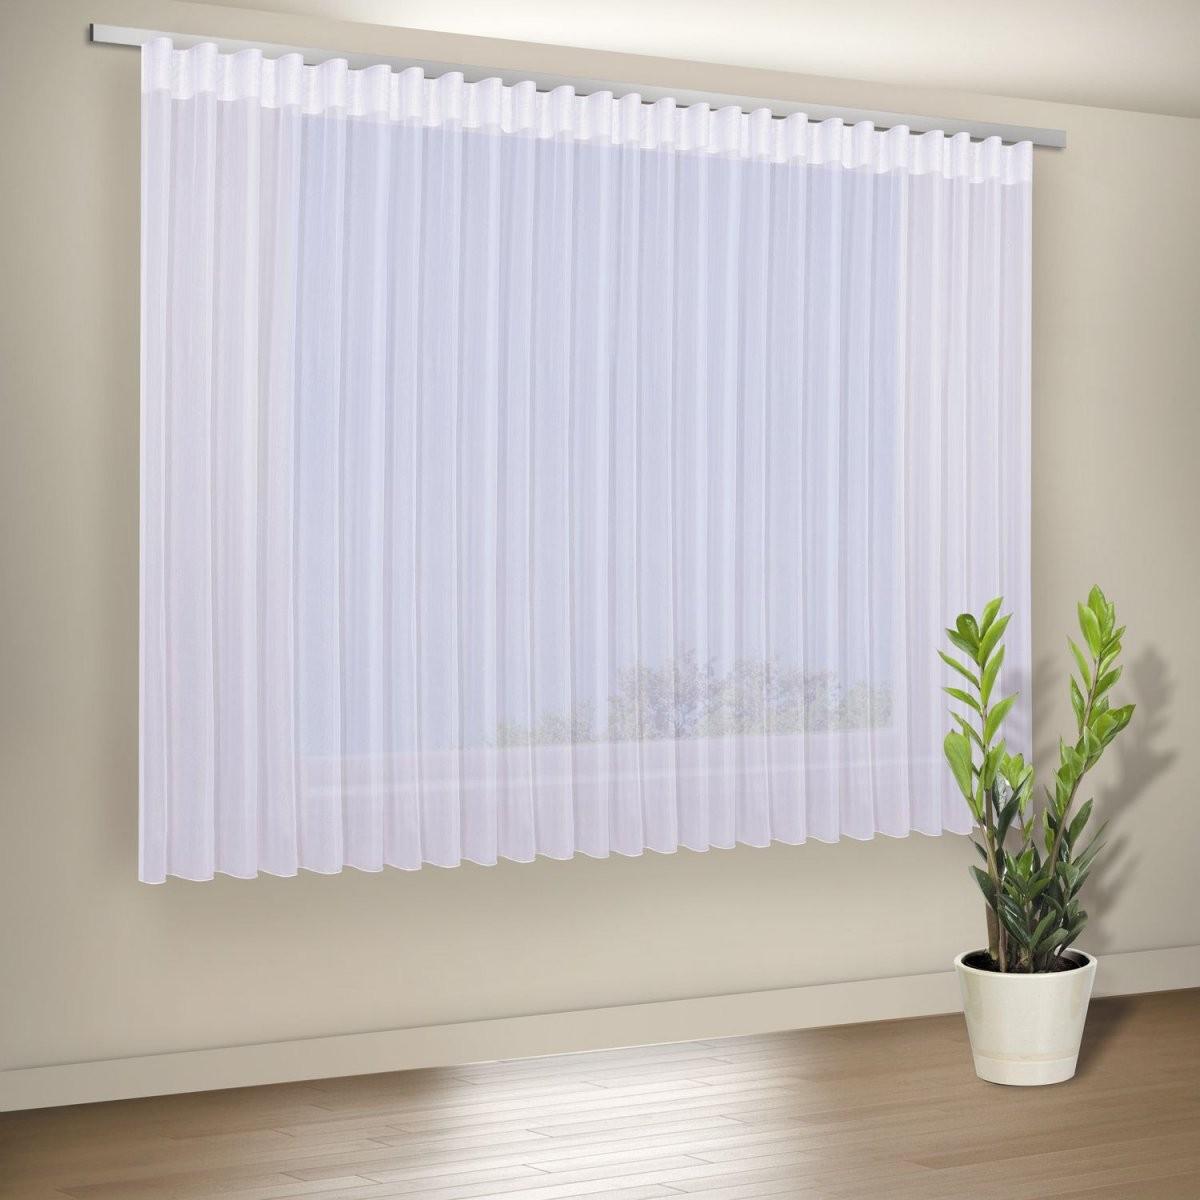 Vorhang Von X Cm Feine 160 Horizontale Beste Lang 300 Gardine Yvgyfbi76 von Vorhänge 300 Cm Lang Photo